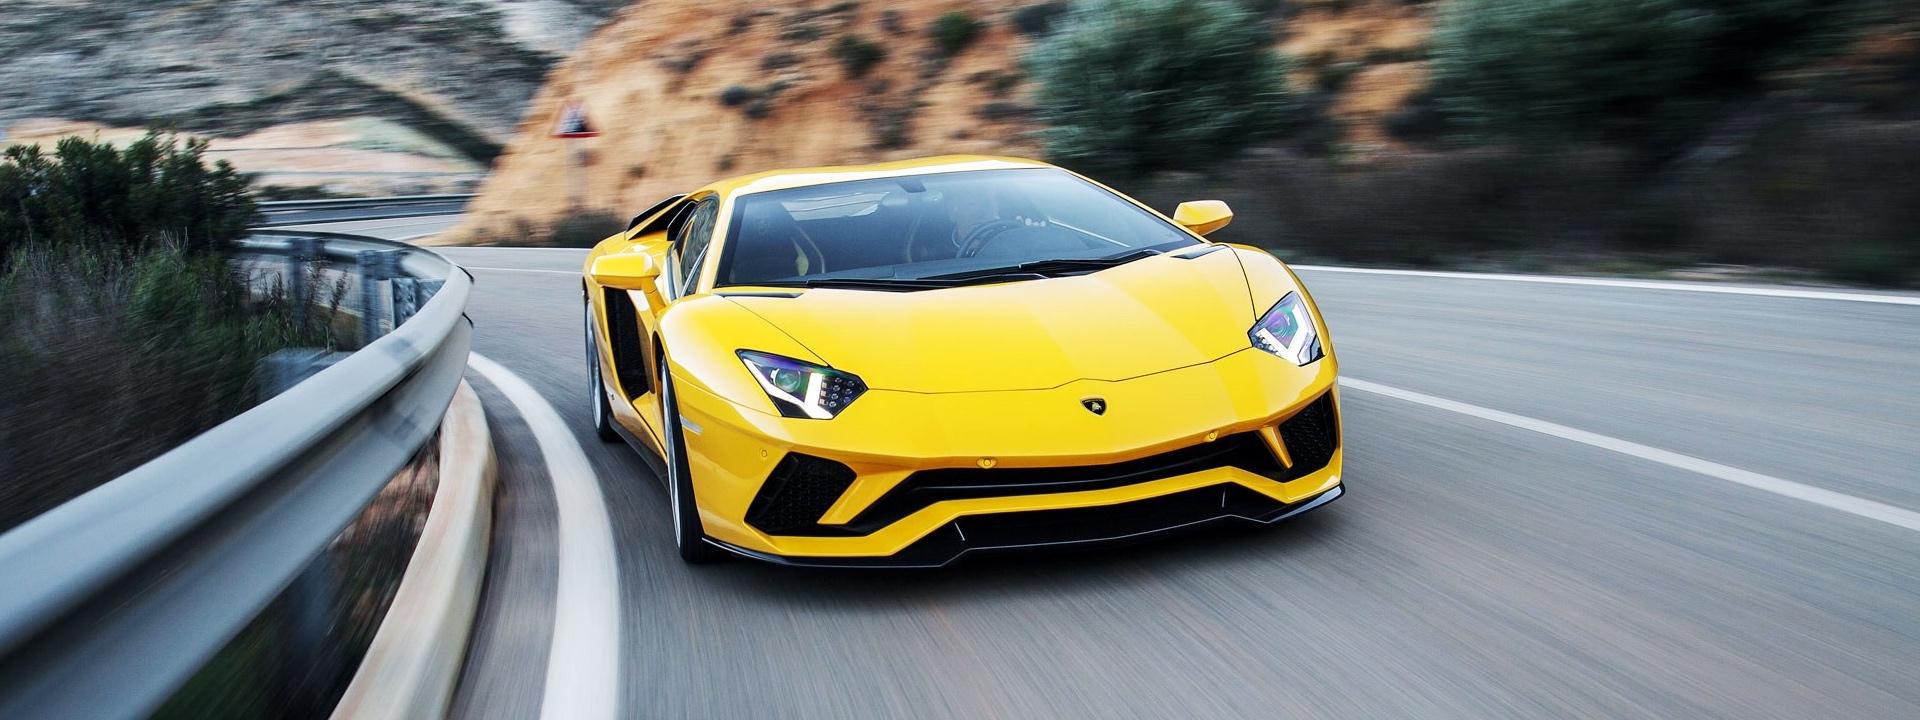 immagine di una Lamborghini su strada